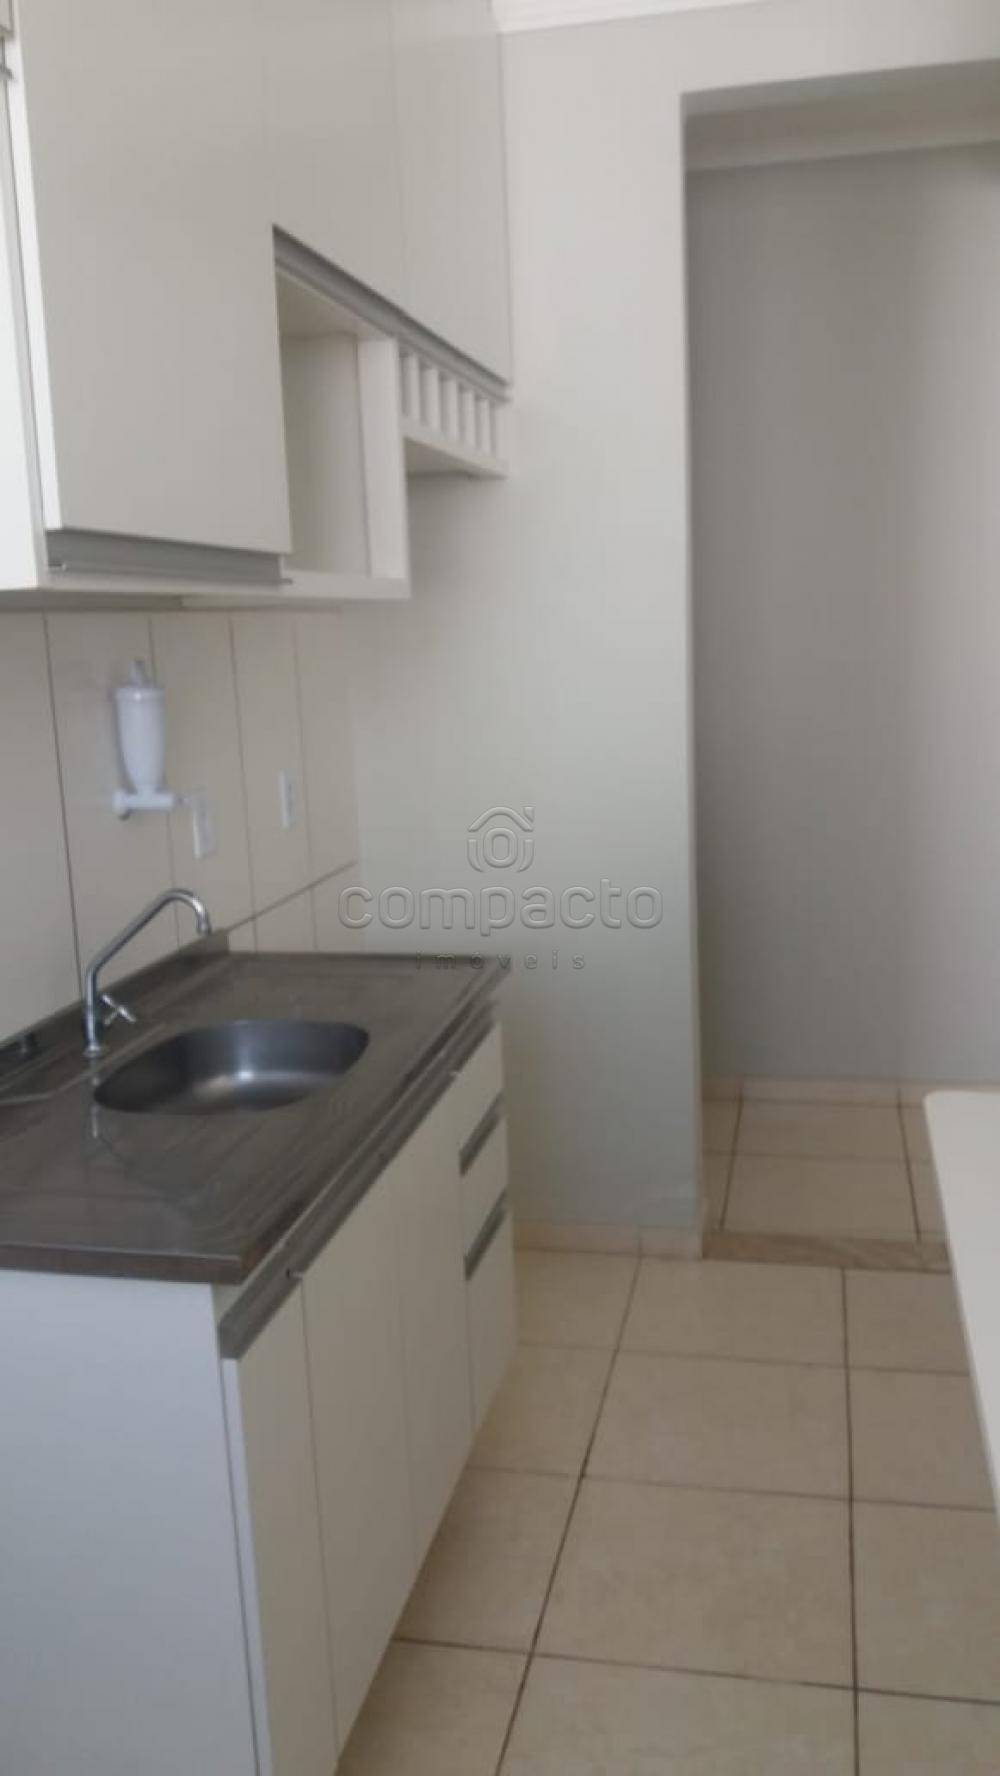 Alugar Apartamento / Padrão em São José do Rio Preto apenas R$ 720,00 - Foto 6